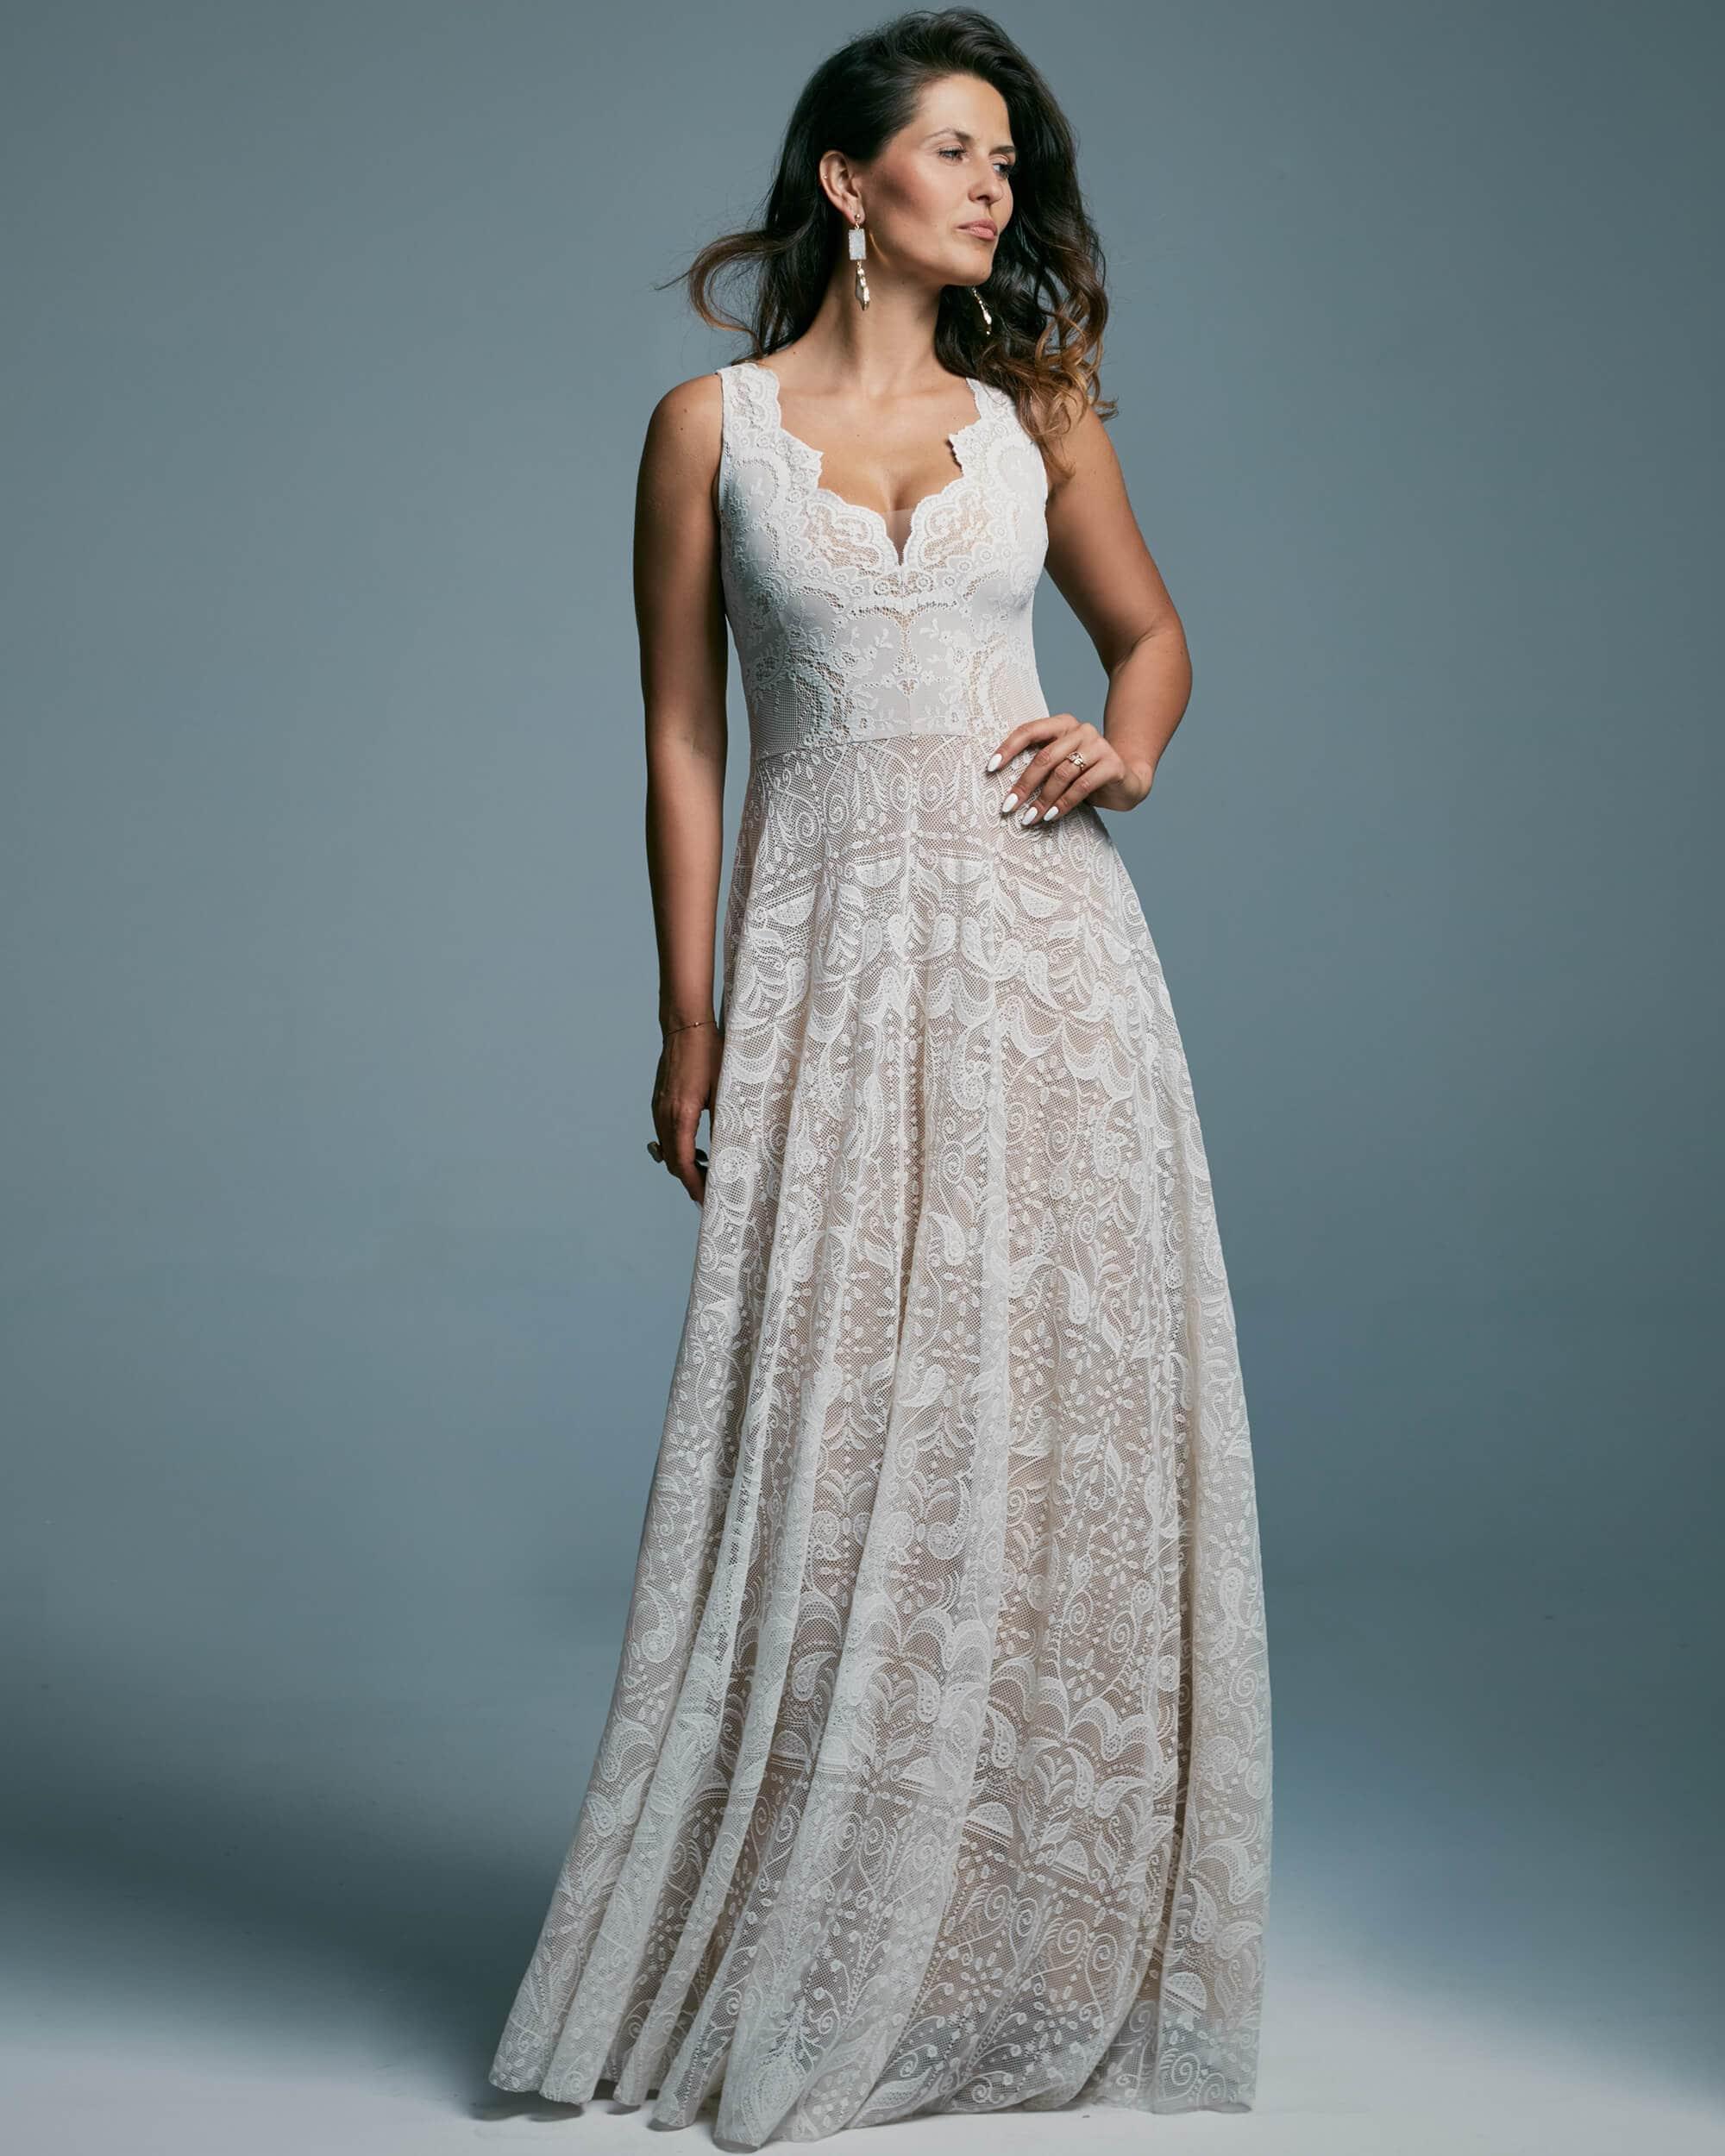 Suknia ślubna z szerokimi ramiączkami wyrównująca proporcje - Porto 47